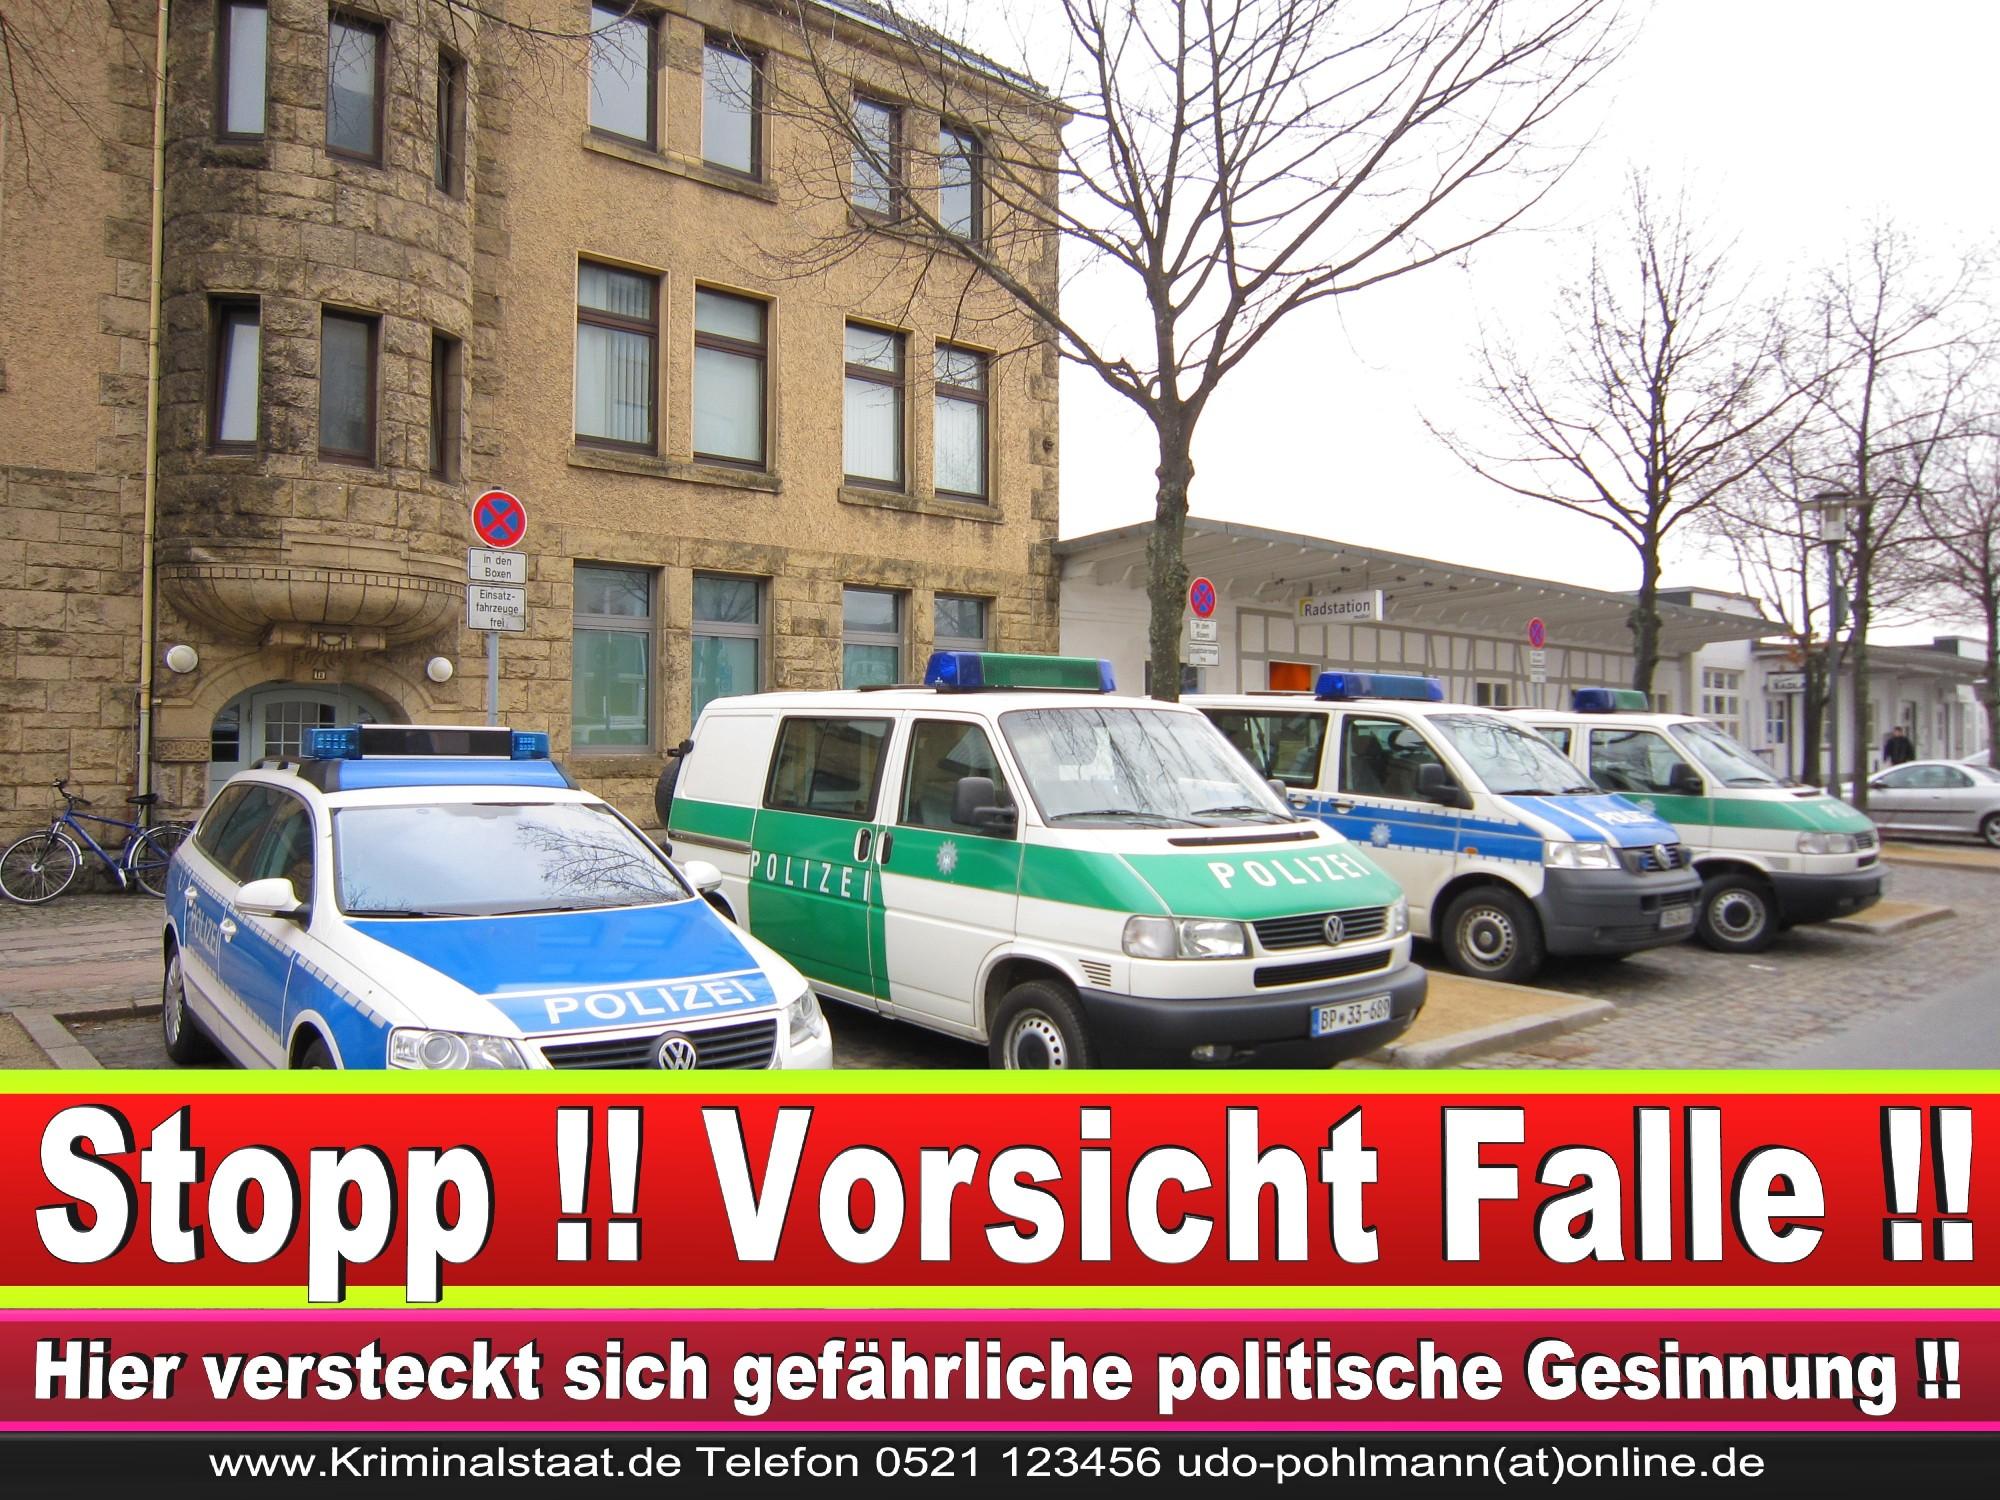 Polizei Bielefeld Gütersloh Detmold Paderborn Polizeiauto Polizeiuniform USA Deutschland Insignien Rang Uniform Kostüm (29)